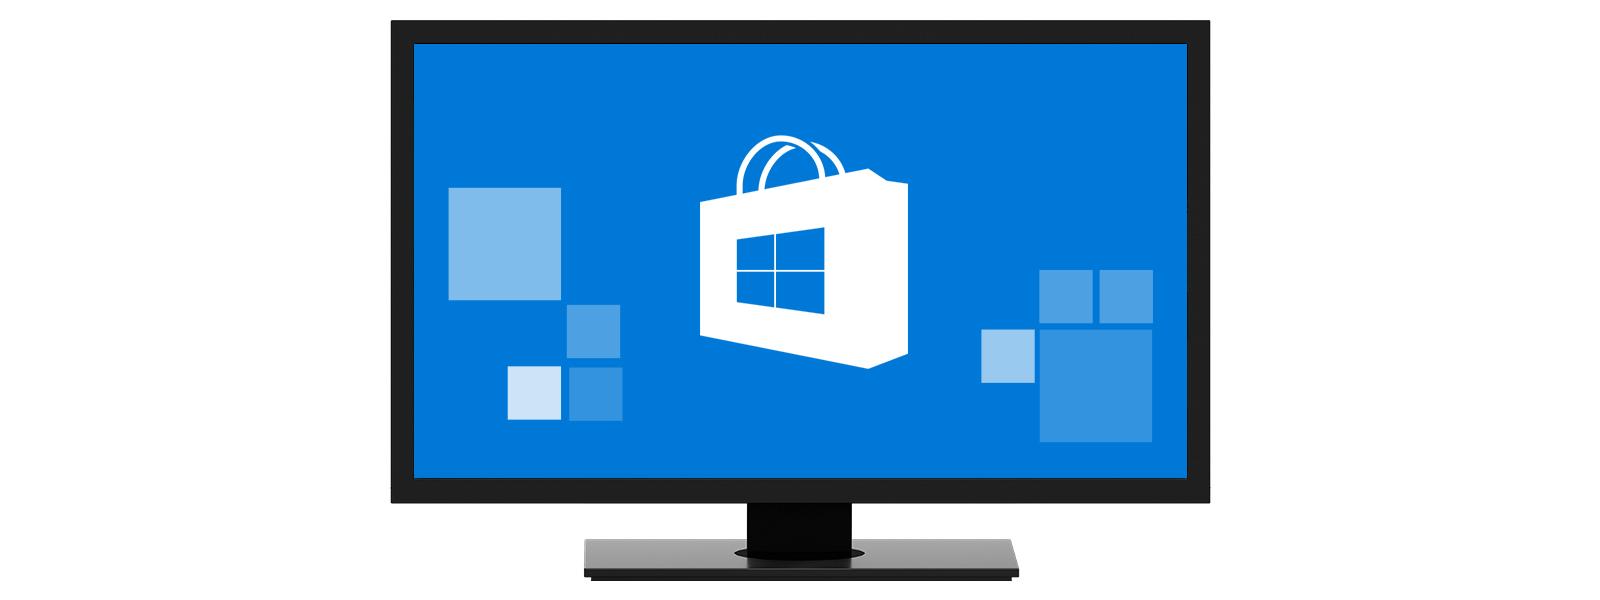 Osebni računalnik z logotipom Trgovine Microsoft na zaslonu